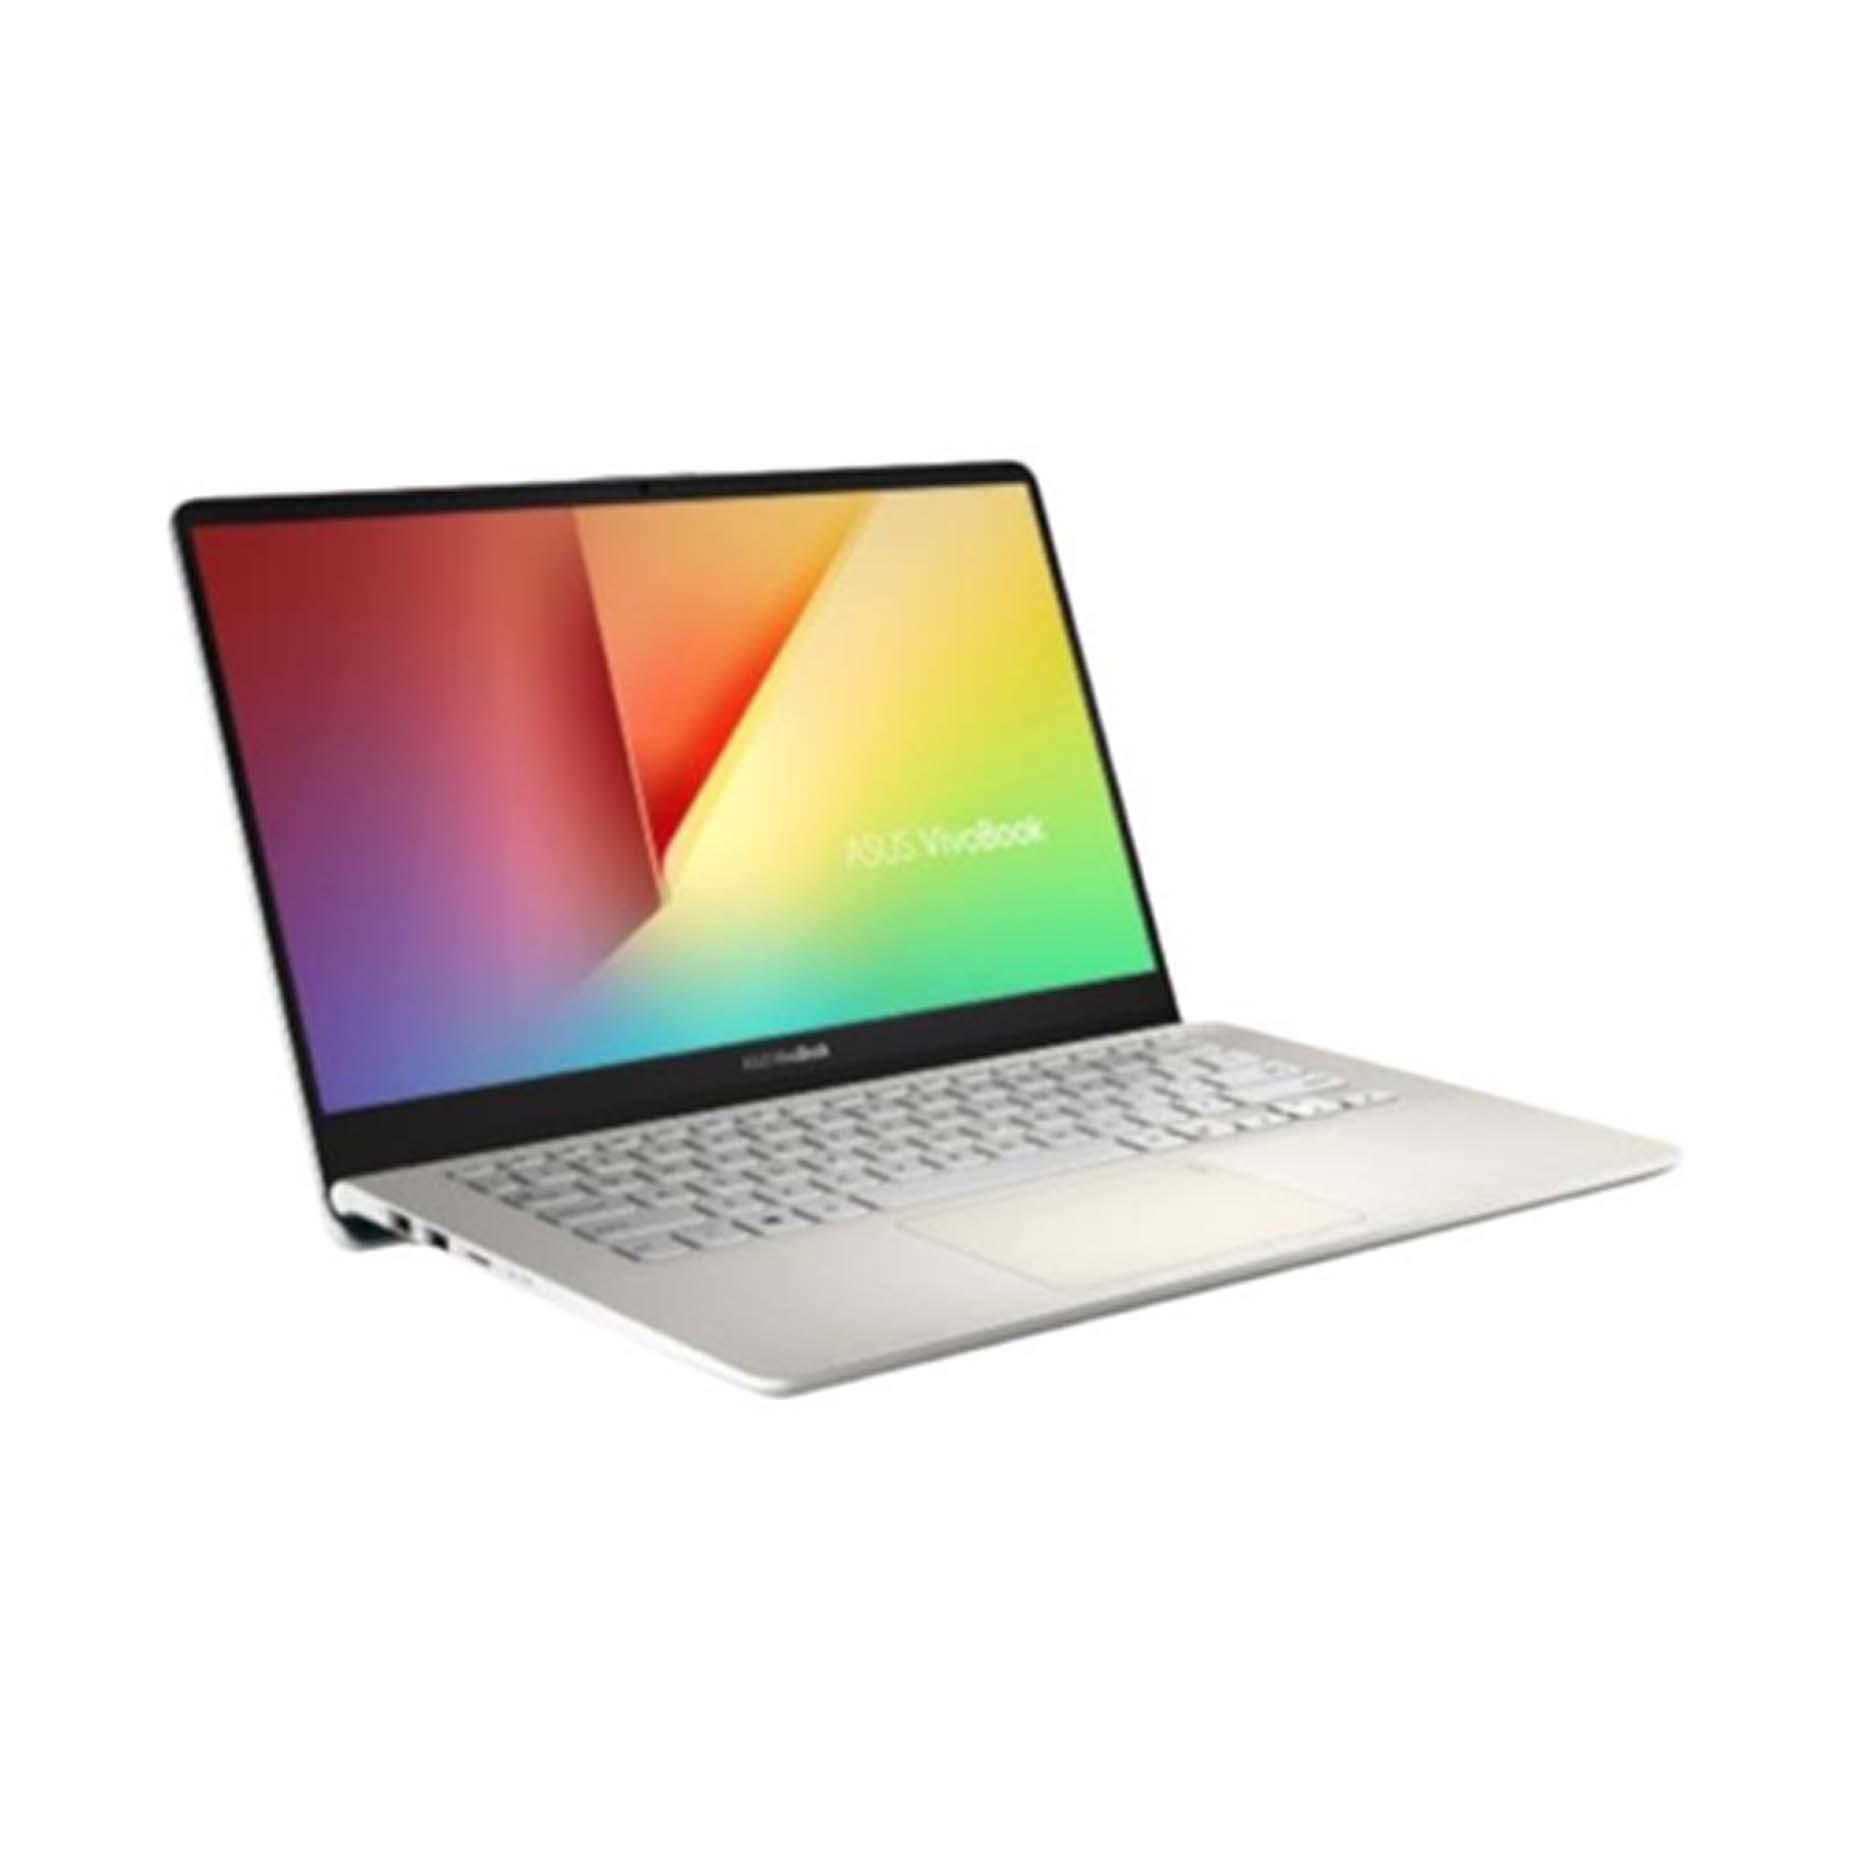 Harga Asus Vivobook S330FA-EY502T Silver Intel Core i5-8265U 4GB 256GB 13.3 FHD Win 10